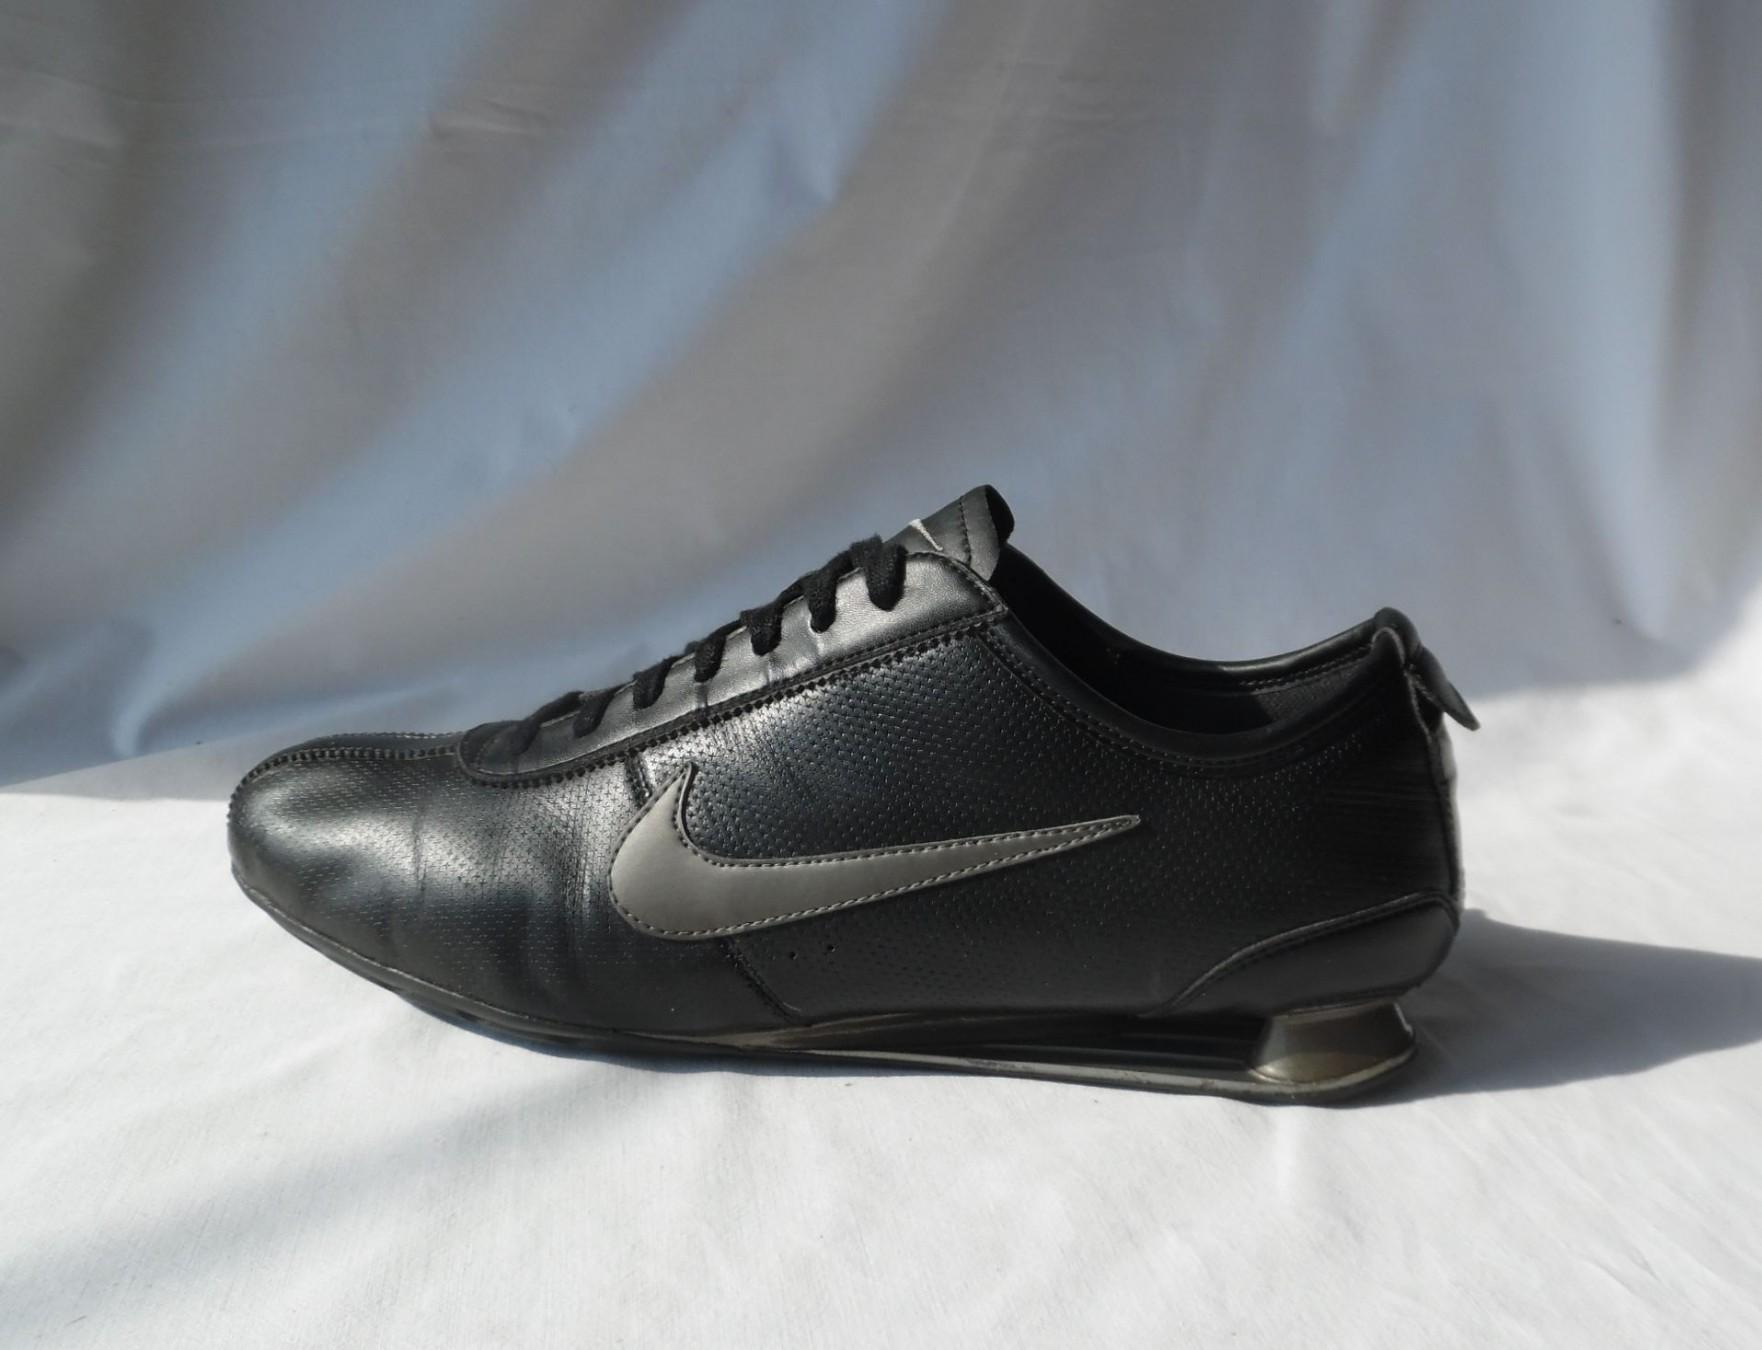 separation shoes 0befd 379d2 ... real original nike shox rivalry extra moderne koznebr. 47 c9834 1e66a